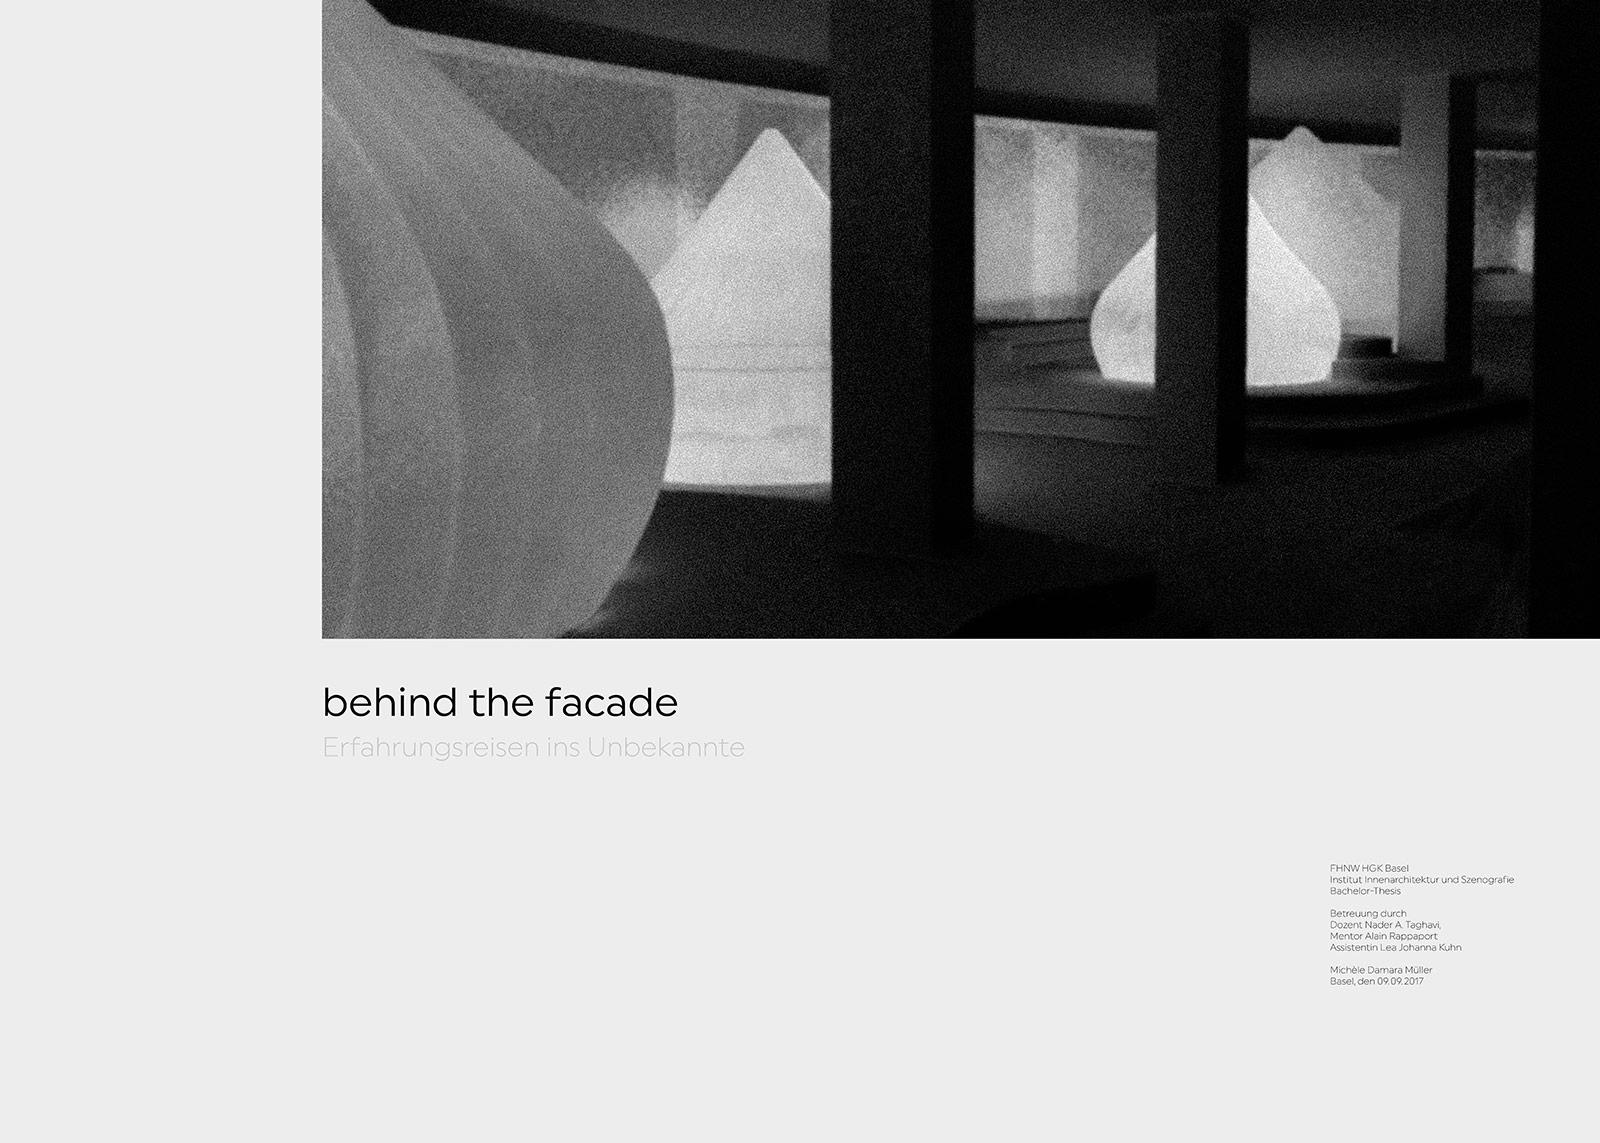 Innenarchitektur Und Szenografie Basel michèle müller diplom 2017 hgk fhnw